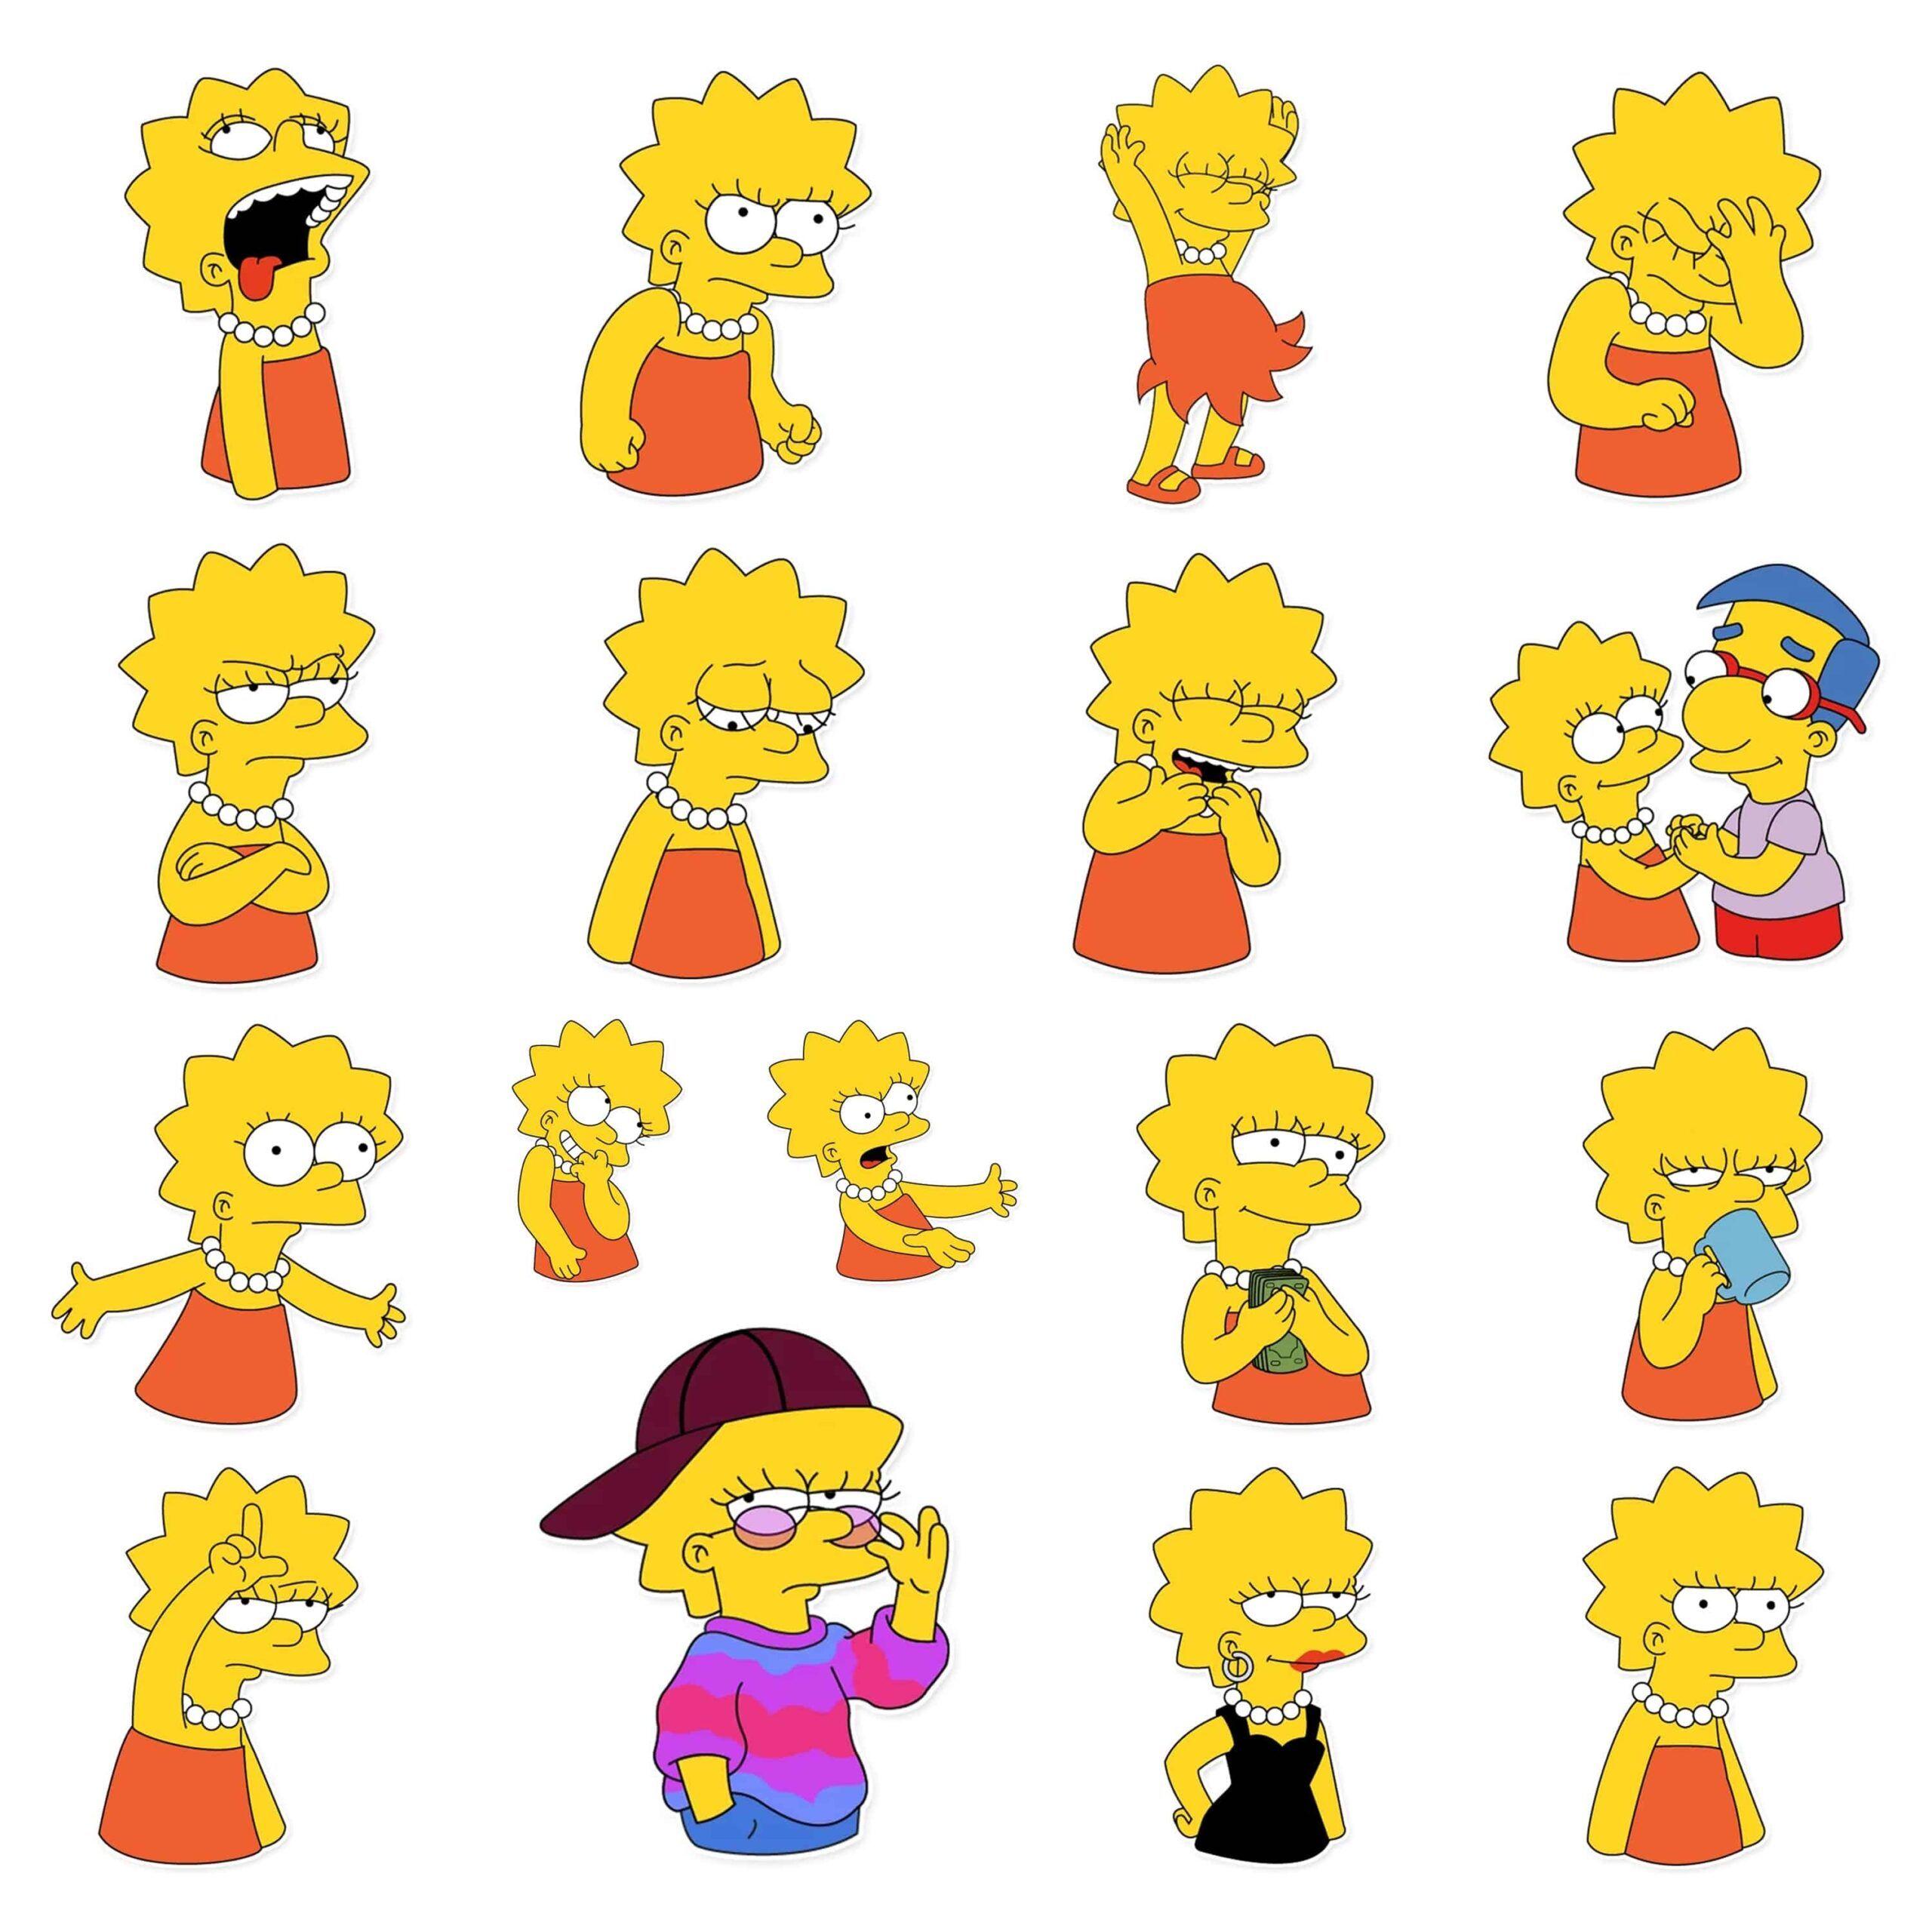 عائلة سيمبسون The Simpsons In 2021 Vault Boy The Simpsons Character